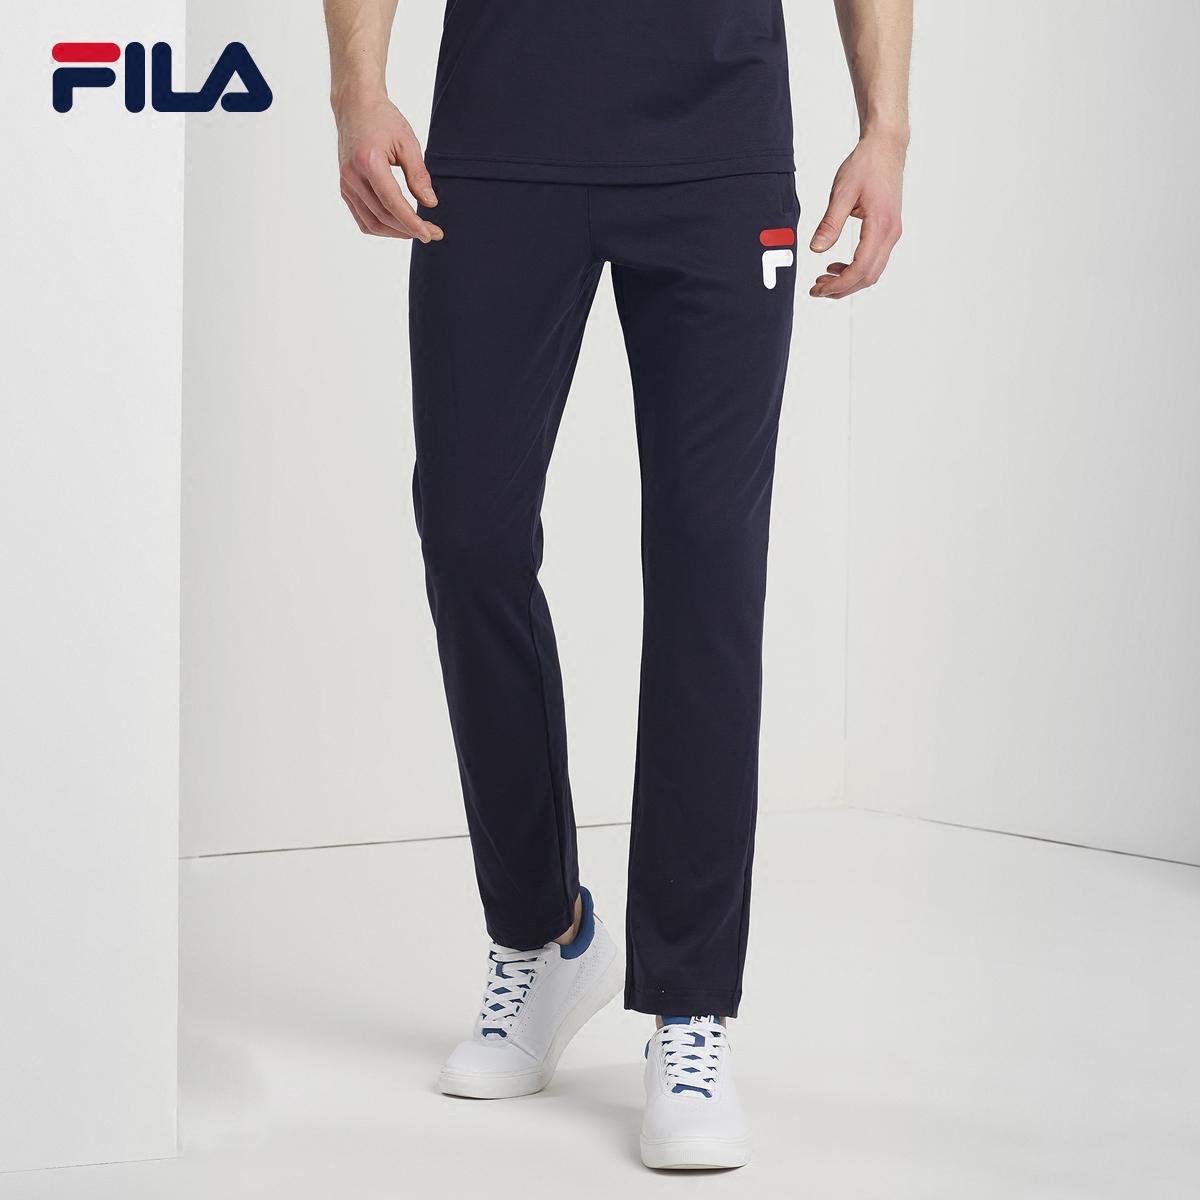 FILA斐乐男2018夏季新款针织长裤纯棉运动长裤|F61M828637F